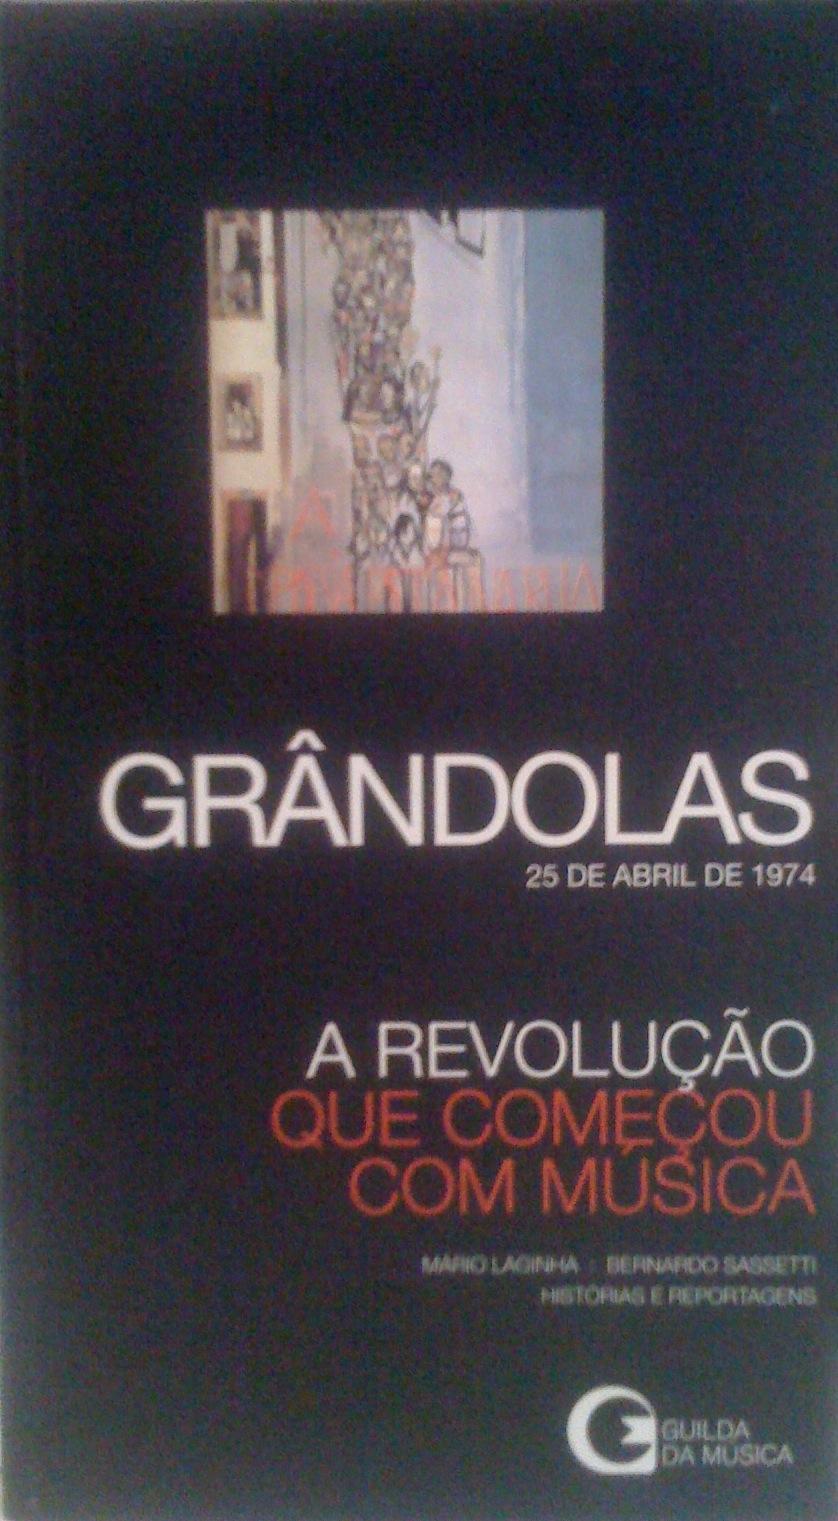 Grândolas: 25 de Abril de 1974